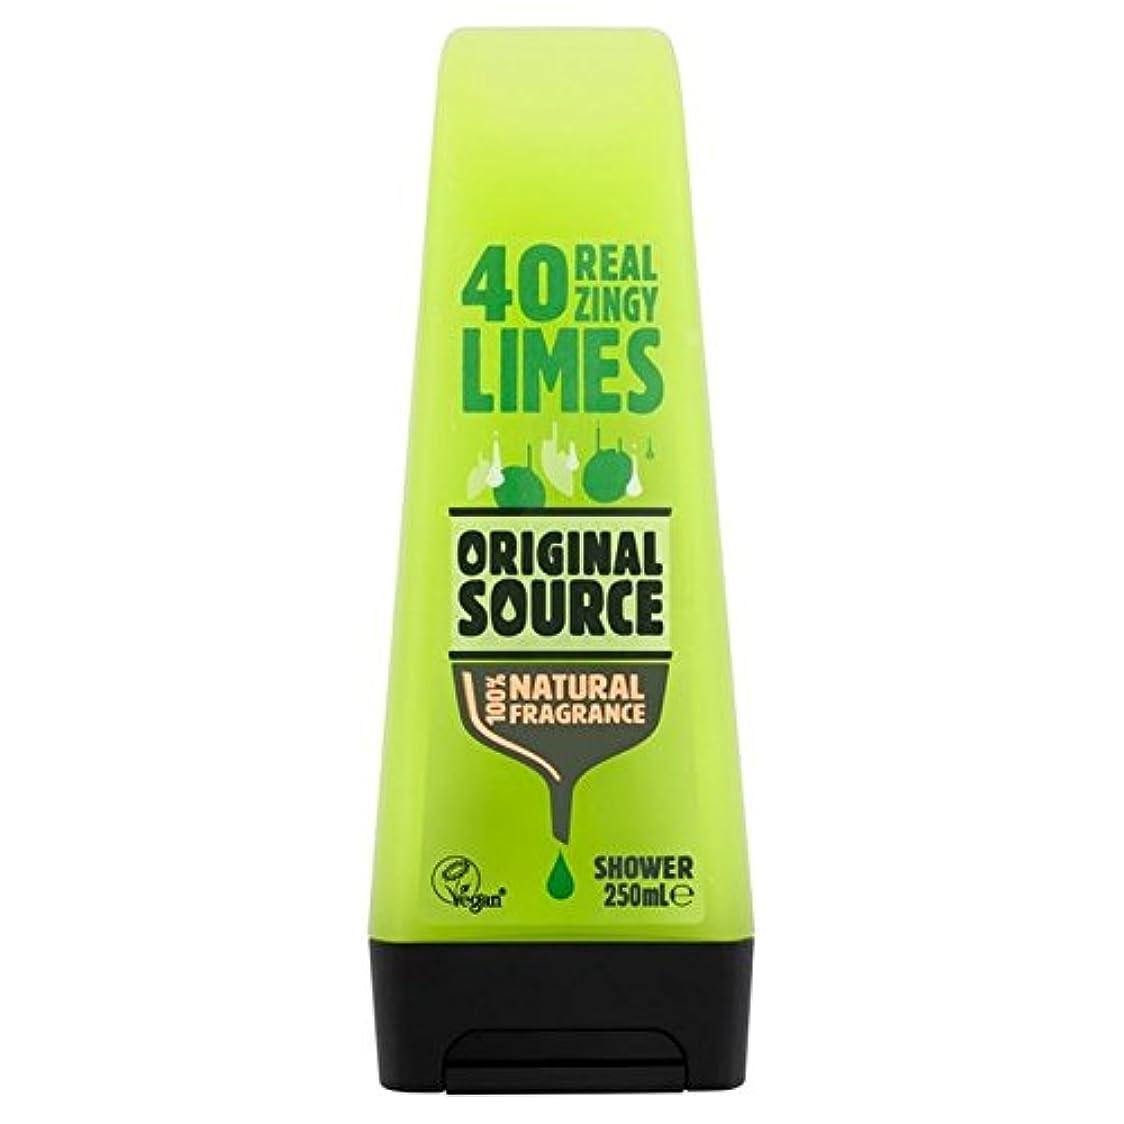 誠意残高血まみれOriginal Source Lime Shower Gel 250ml (Pack of 6) - 元のソースライムシャワージェル250ミリリットル x6 [並行輸入品]